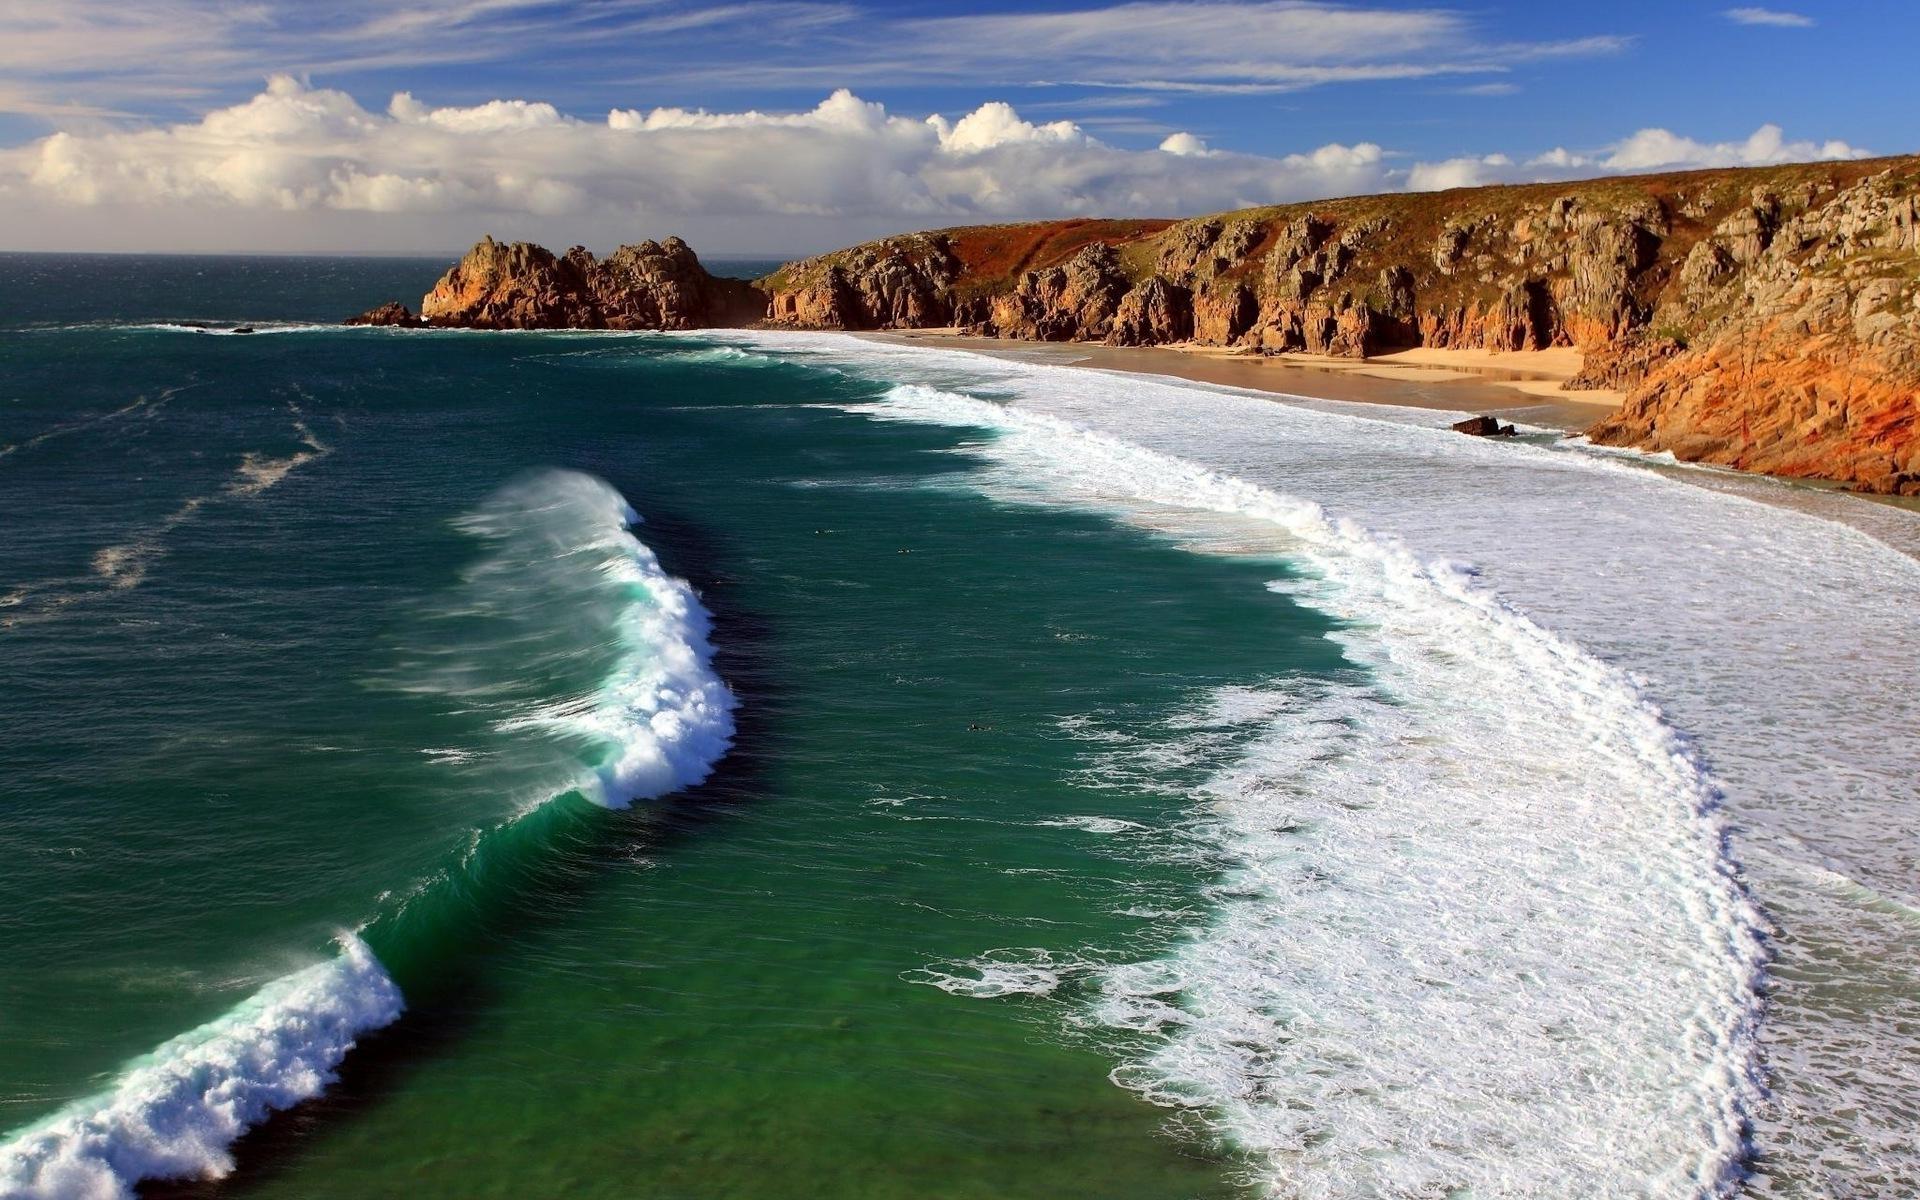 вьетнаме лучшие фото моря и океана пляж прокурор называла